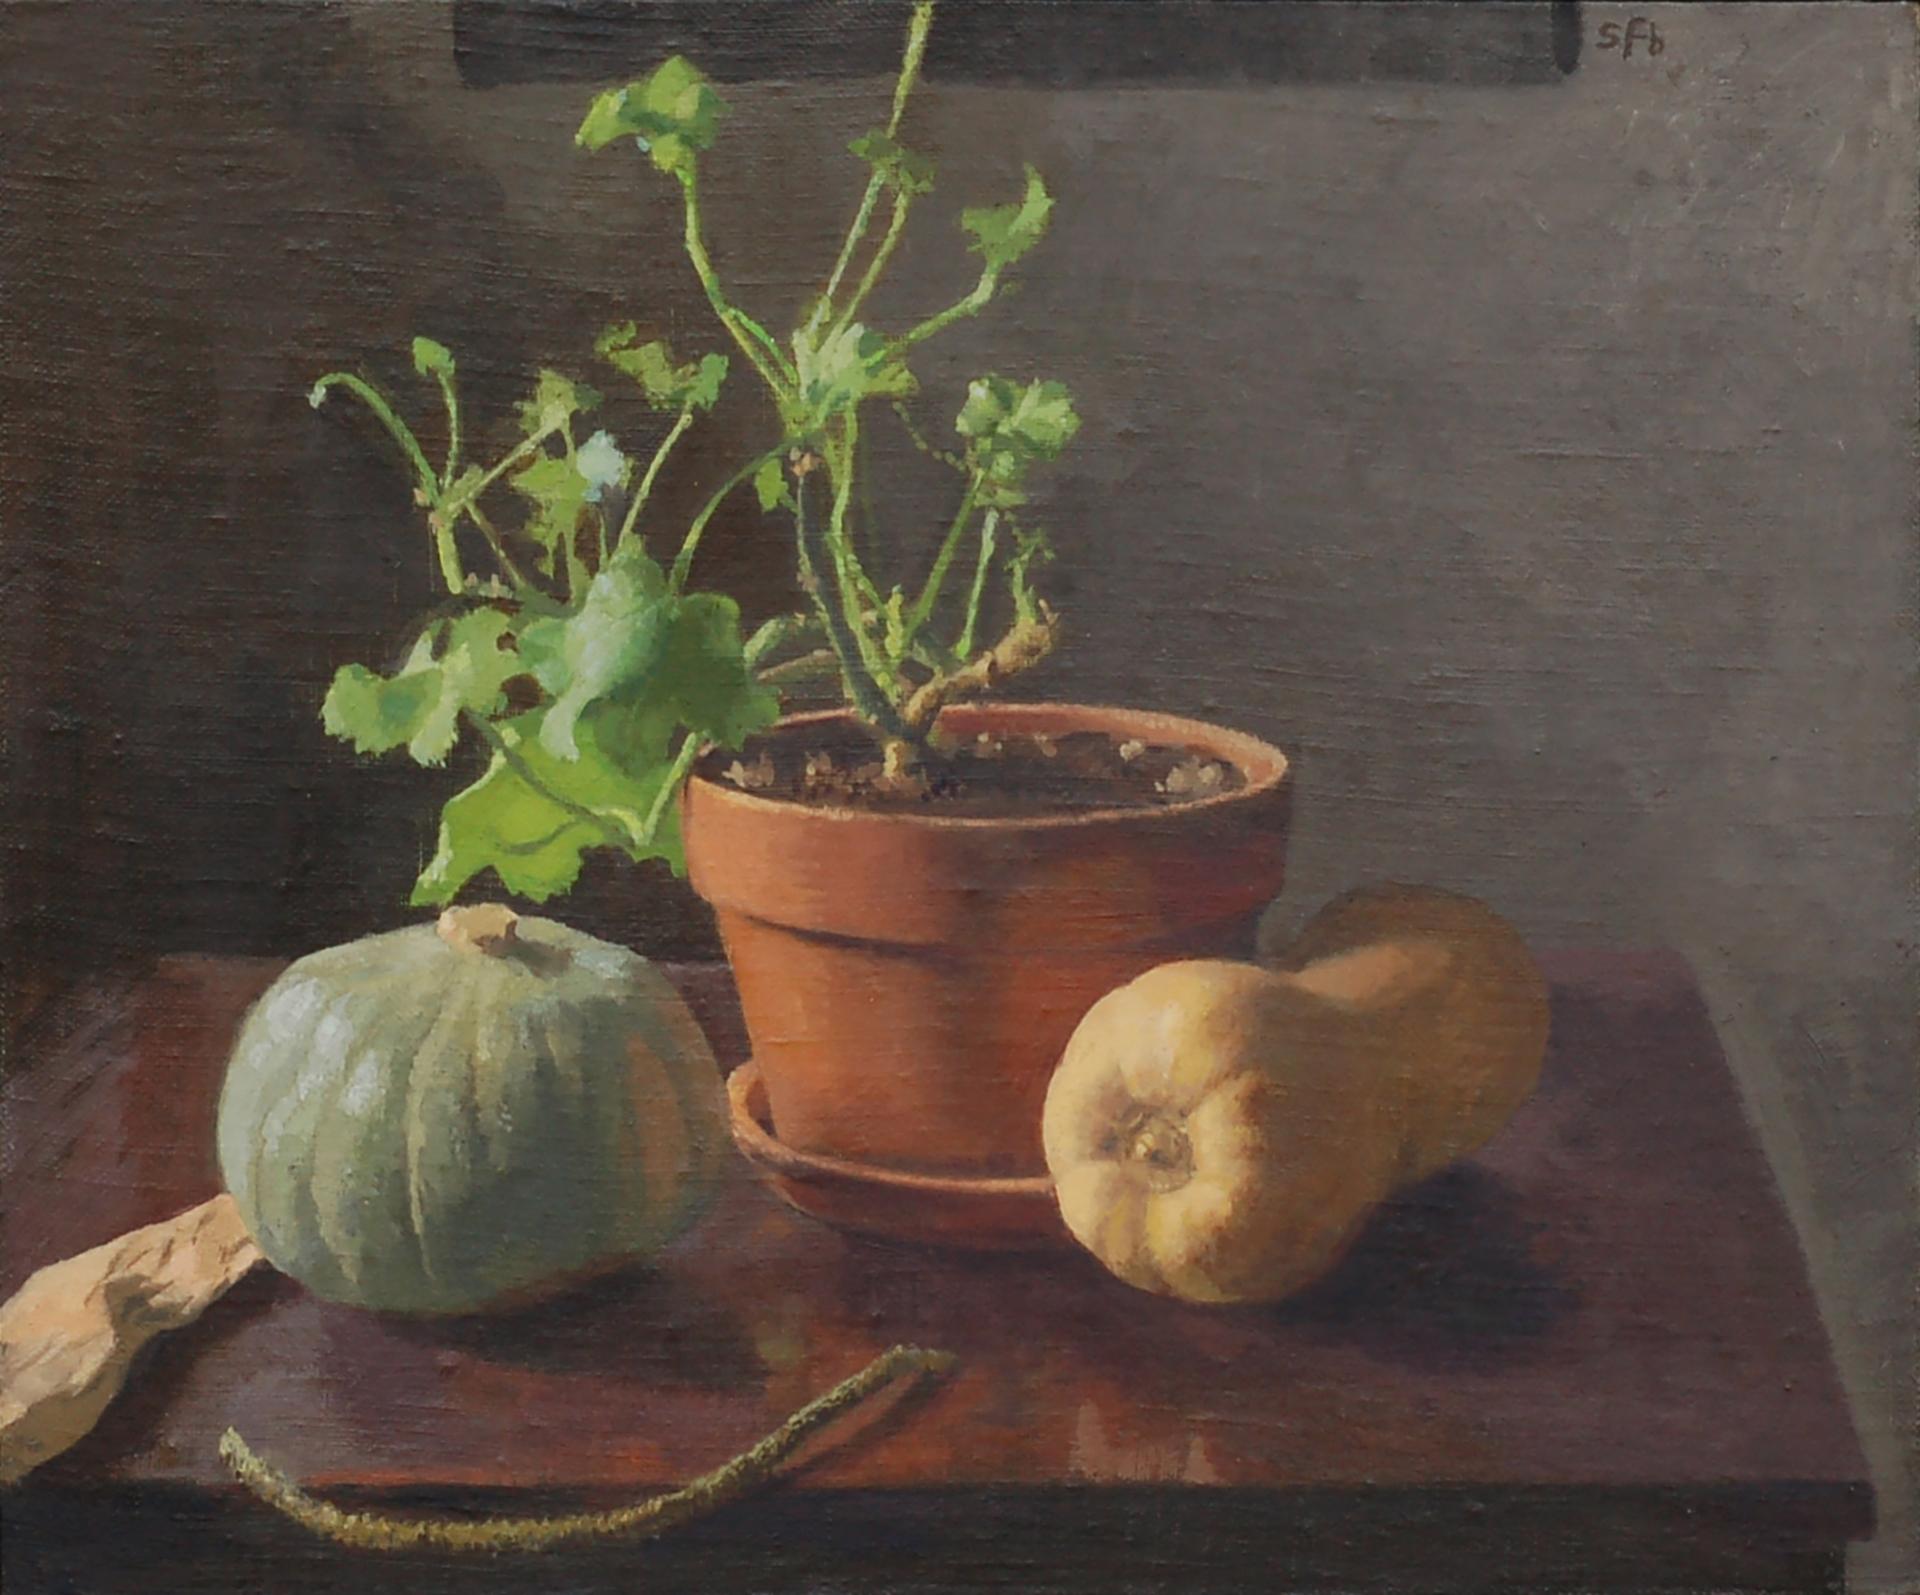 Winter Squash and Geranium